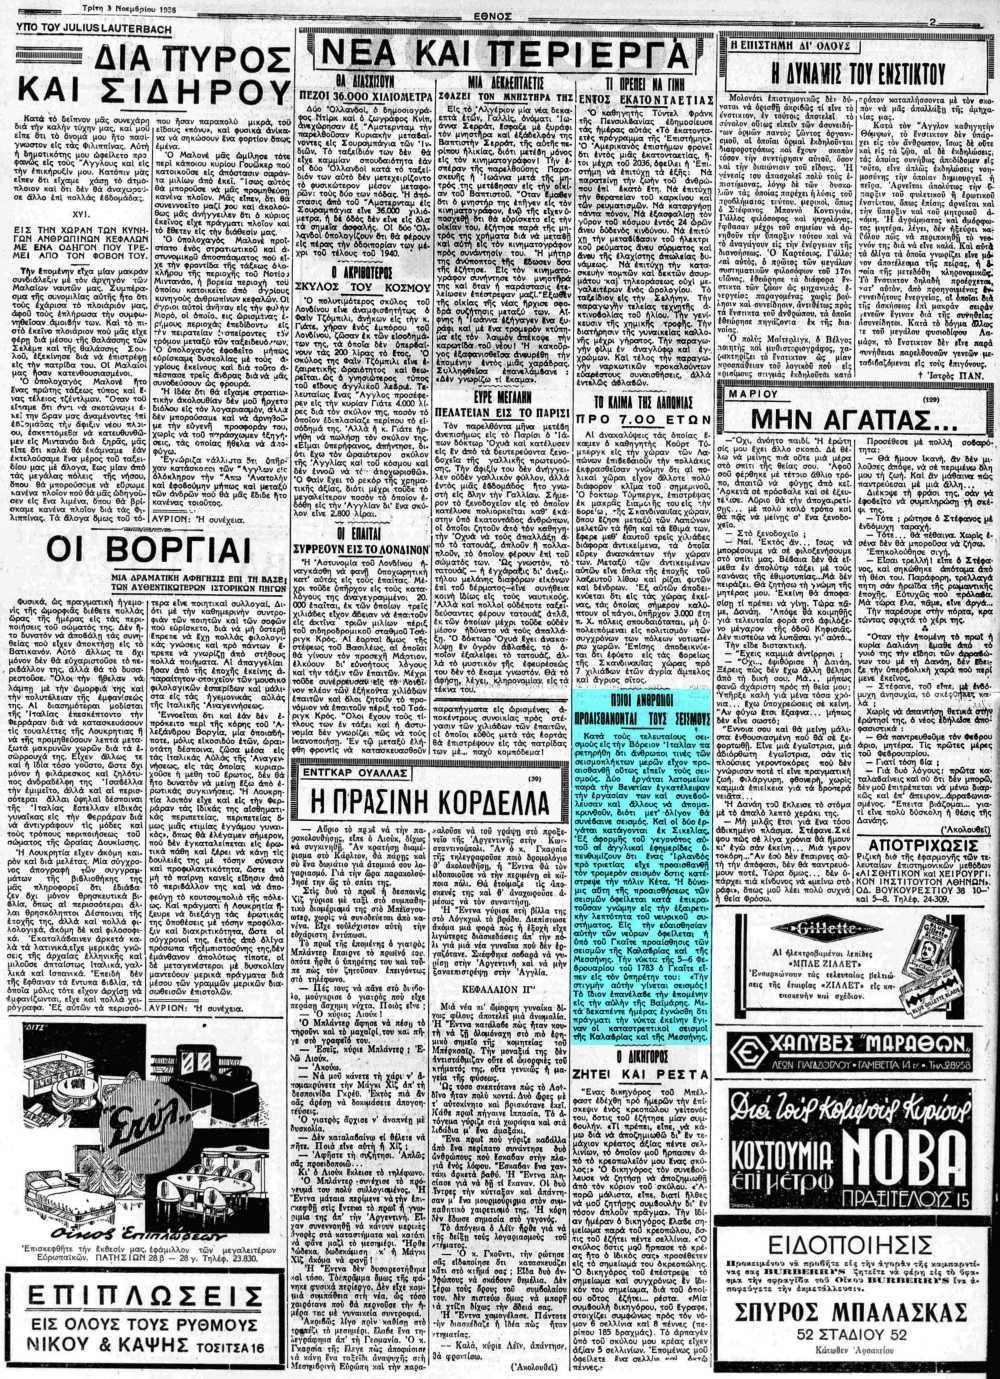 """Το άρθρο, όπως δημοσιεύθηκε στην εφημερίδα """"ΕΘΝΟΣ"""", στις 03/11/1936"""